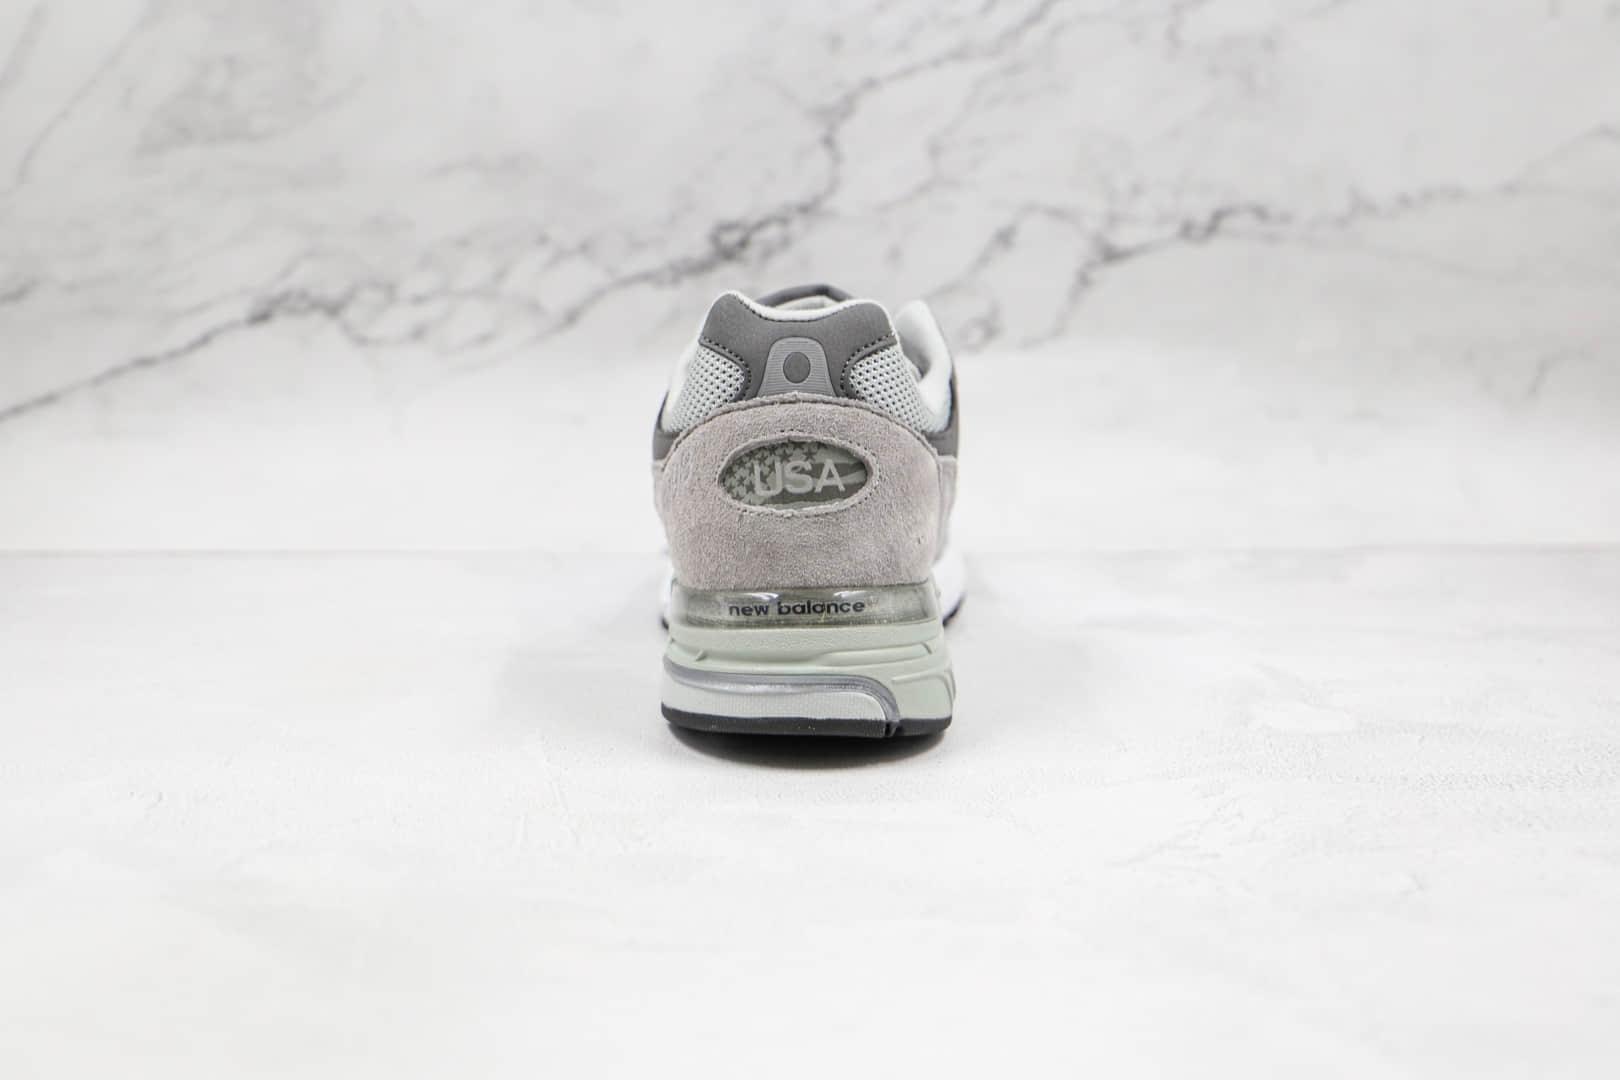 新百伦New Balance 993纯原版本复古NB993元组灰配色老爹鞋原楦头纸板打造 货号:MR993GL